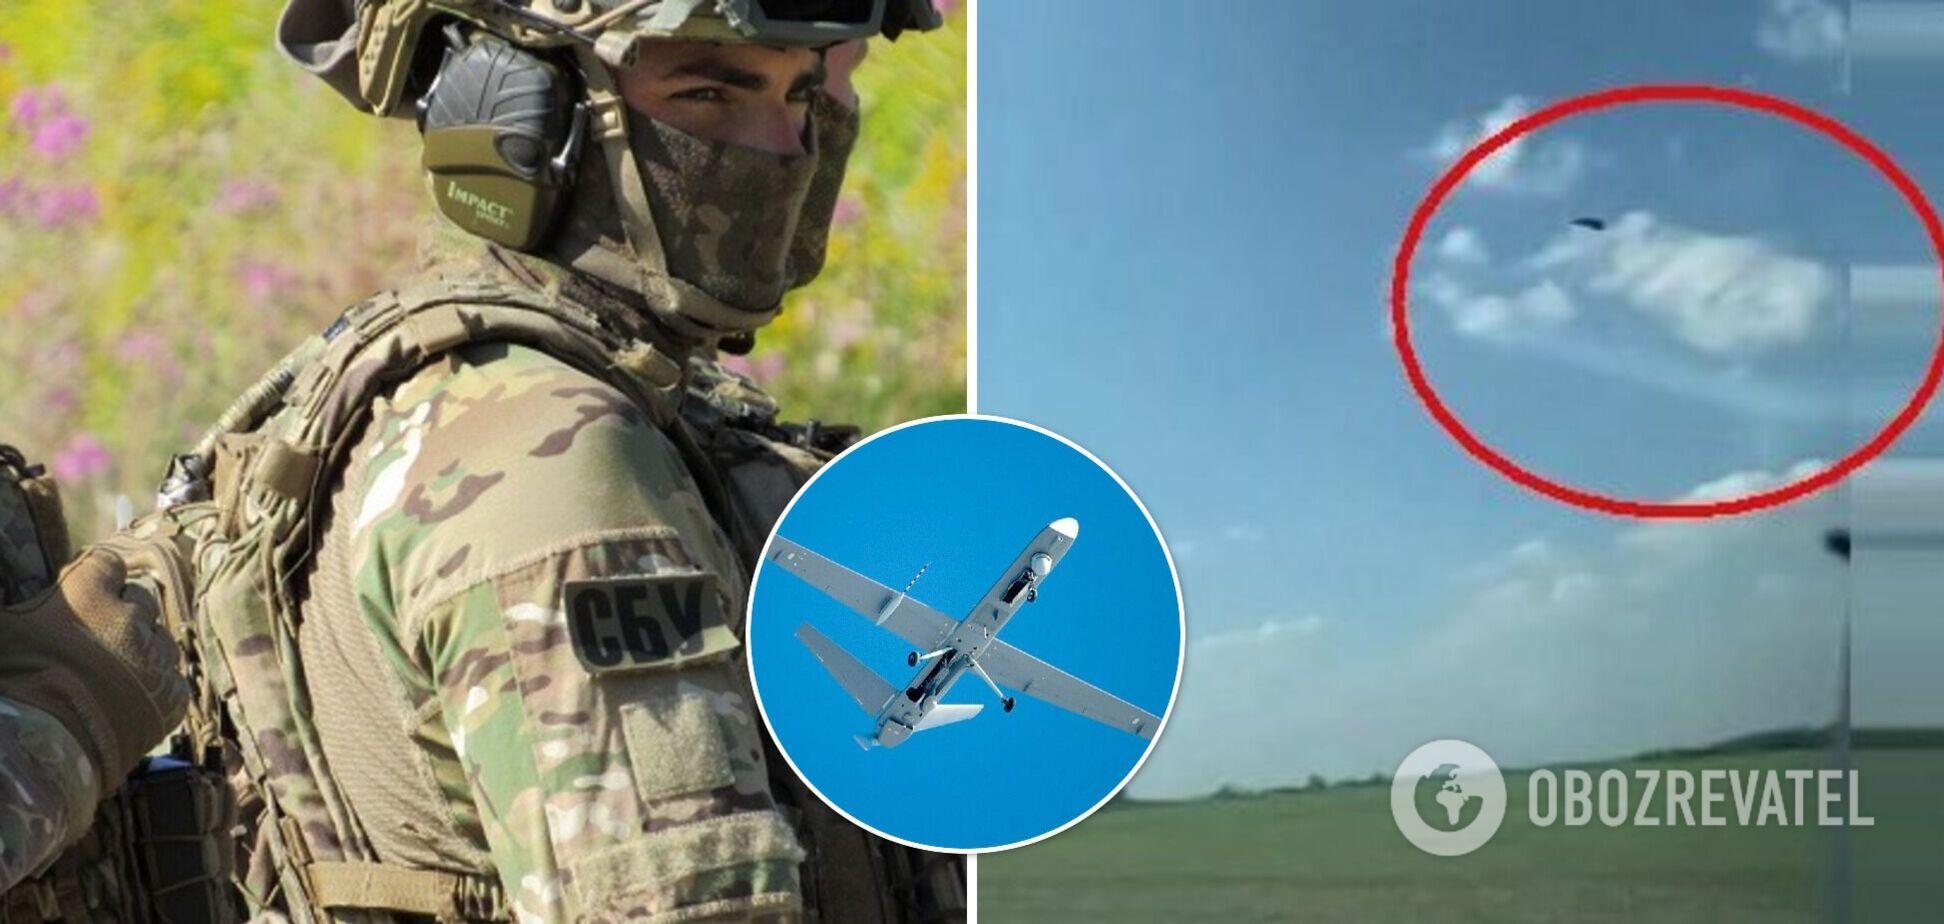 СБУ обнаружила беспилотник, пролетевший над Харьковщиной после Дня Независимости. Видео